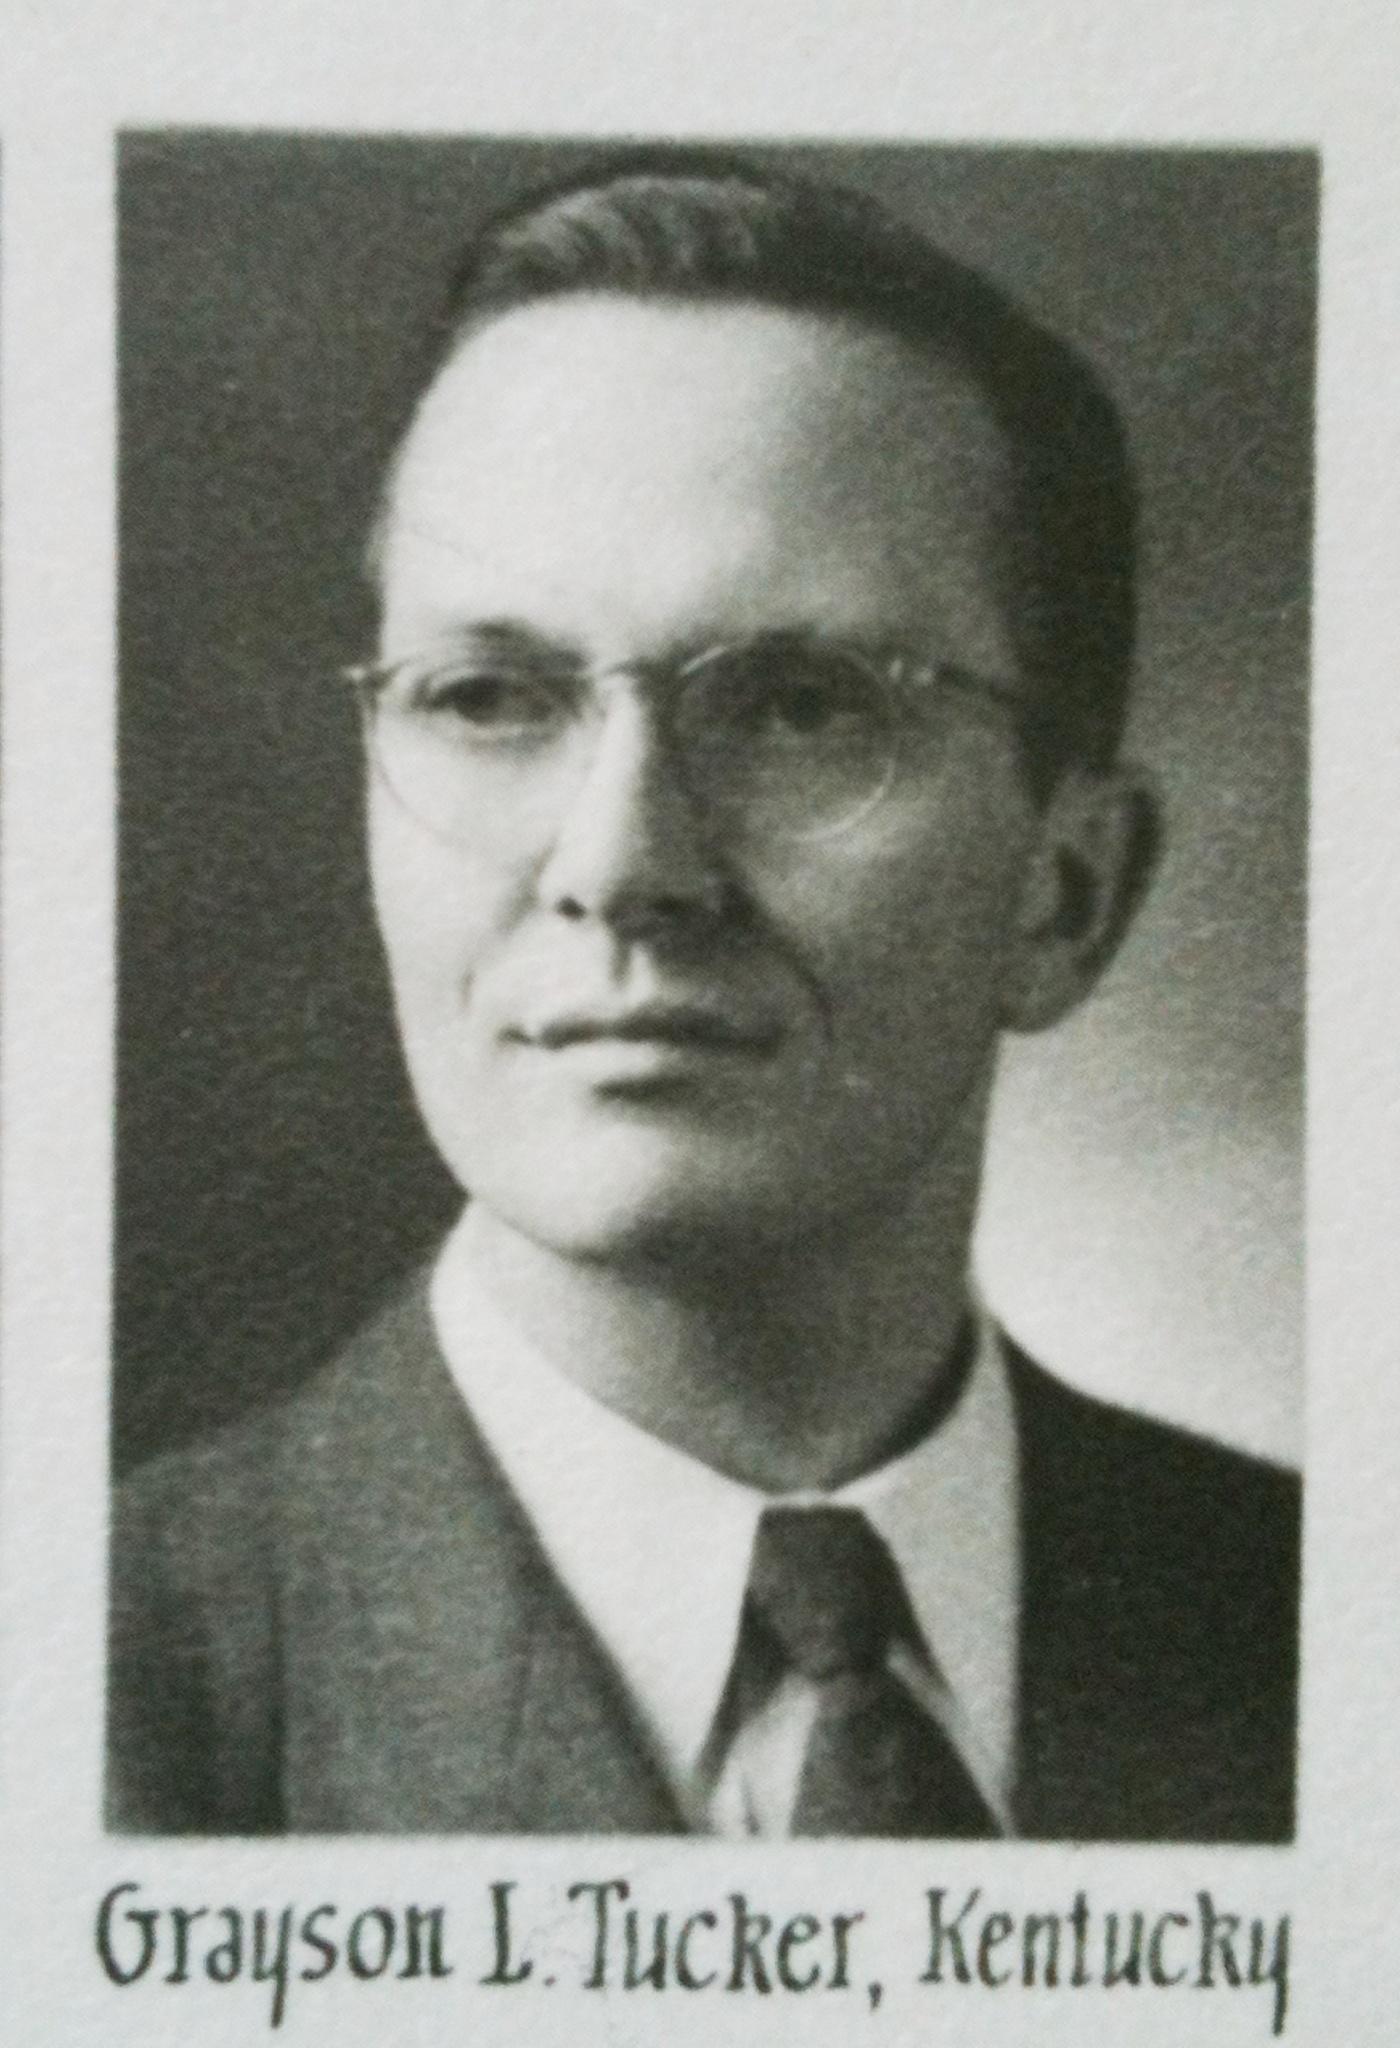 Grayson L.Tucker